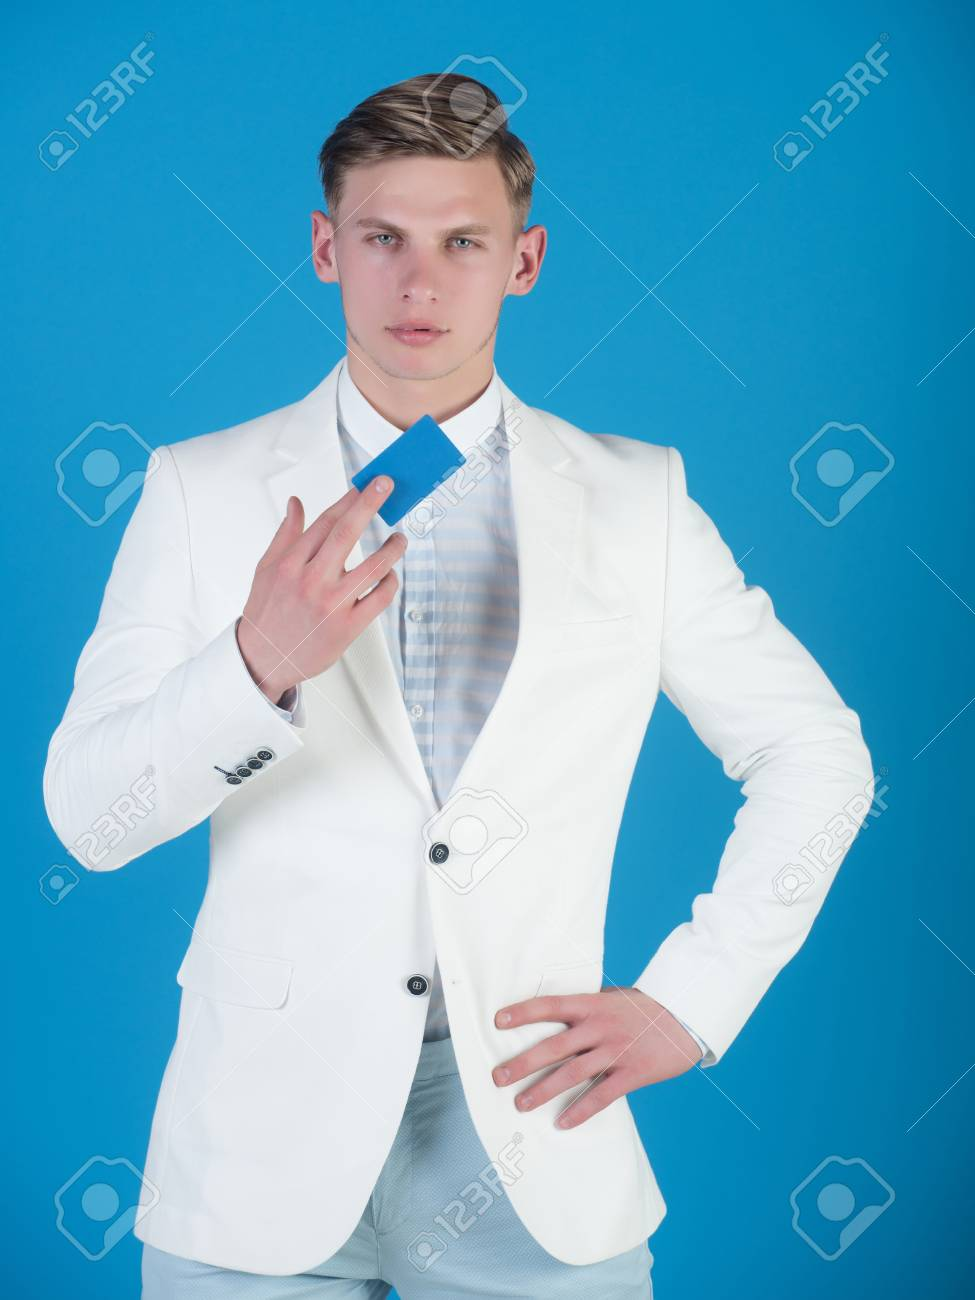 Hombre De Negocios Posando En Chaqueta Camisa Y Pantalones Blancos Hombre De Negocios De Explotacion O Tarjeta Bancaria Banca Y Ahorro Gerente De Llevar Traje Casual Sobre Fondo Azul Concepto De Moda